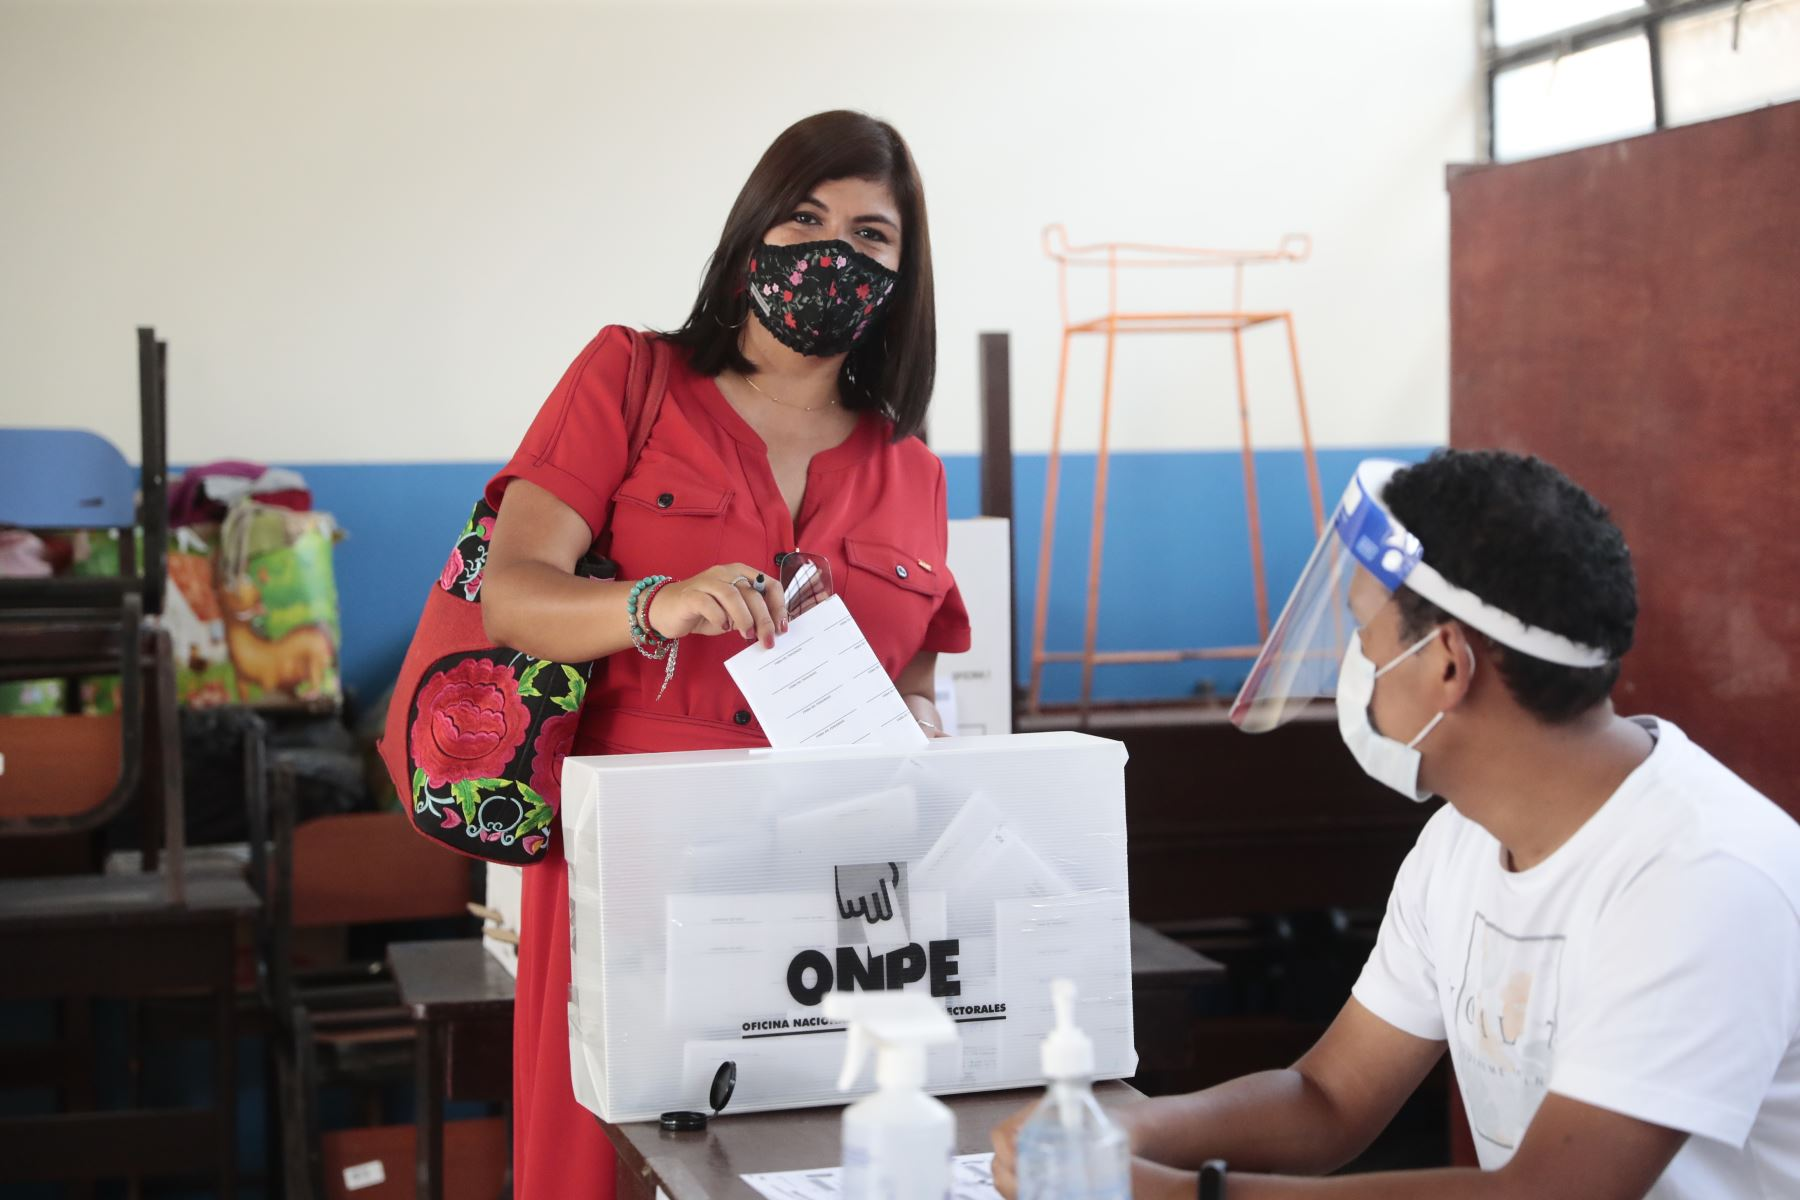 LIMA (PERÚ), 11/04/2021.- La candidata a la vicepresidencia por el Frente Amplio, Leyla Berrocal  emite su voto  durante la jornada de las Elecciones Generales 2021.  Foto: ANDINA/Braian Reyna